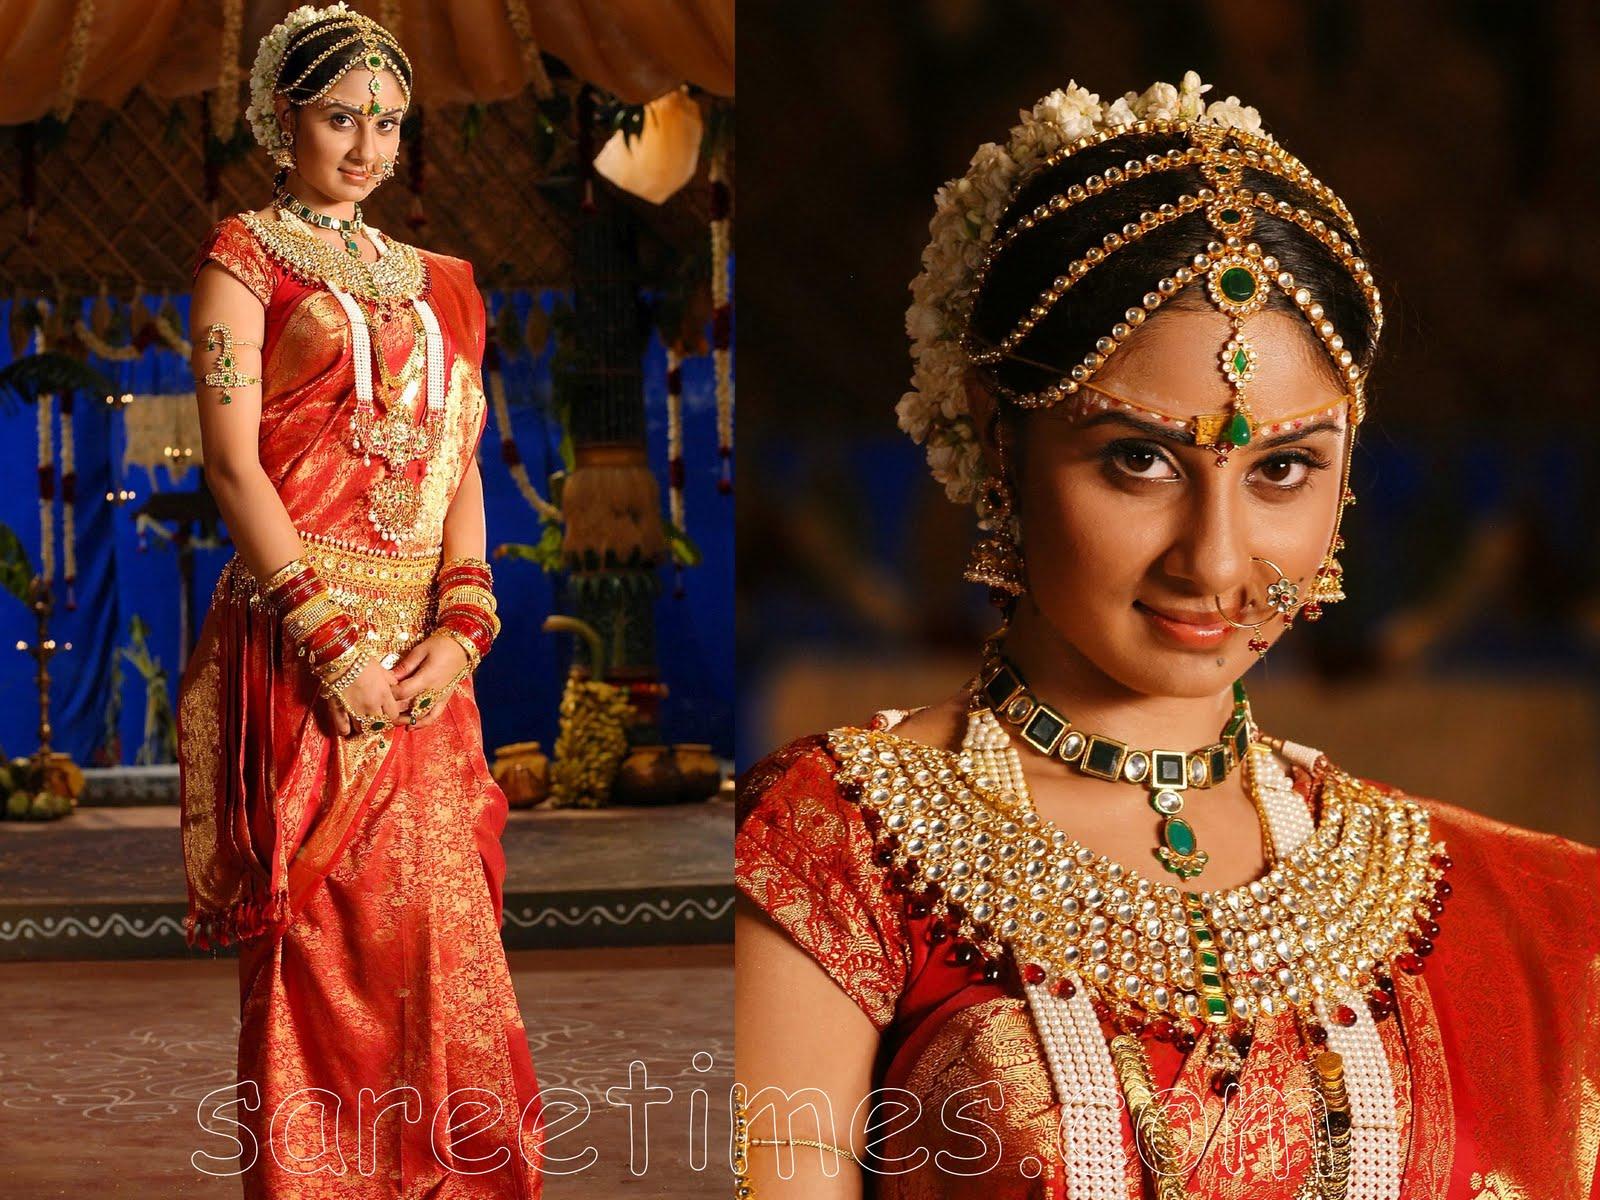 http://3.bp.blogspot.com/-UVgm-89dE5o/TsEwGG4nuyI/AAAAAAAAATY/9OuoF7KofEE/s1600/indian+bridal+wearrg.jpg